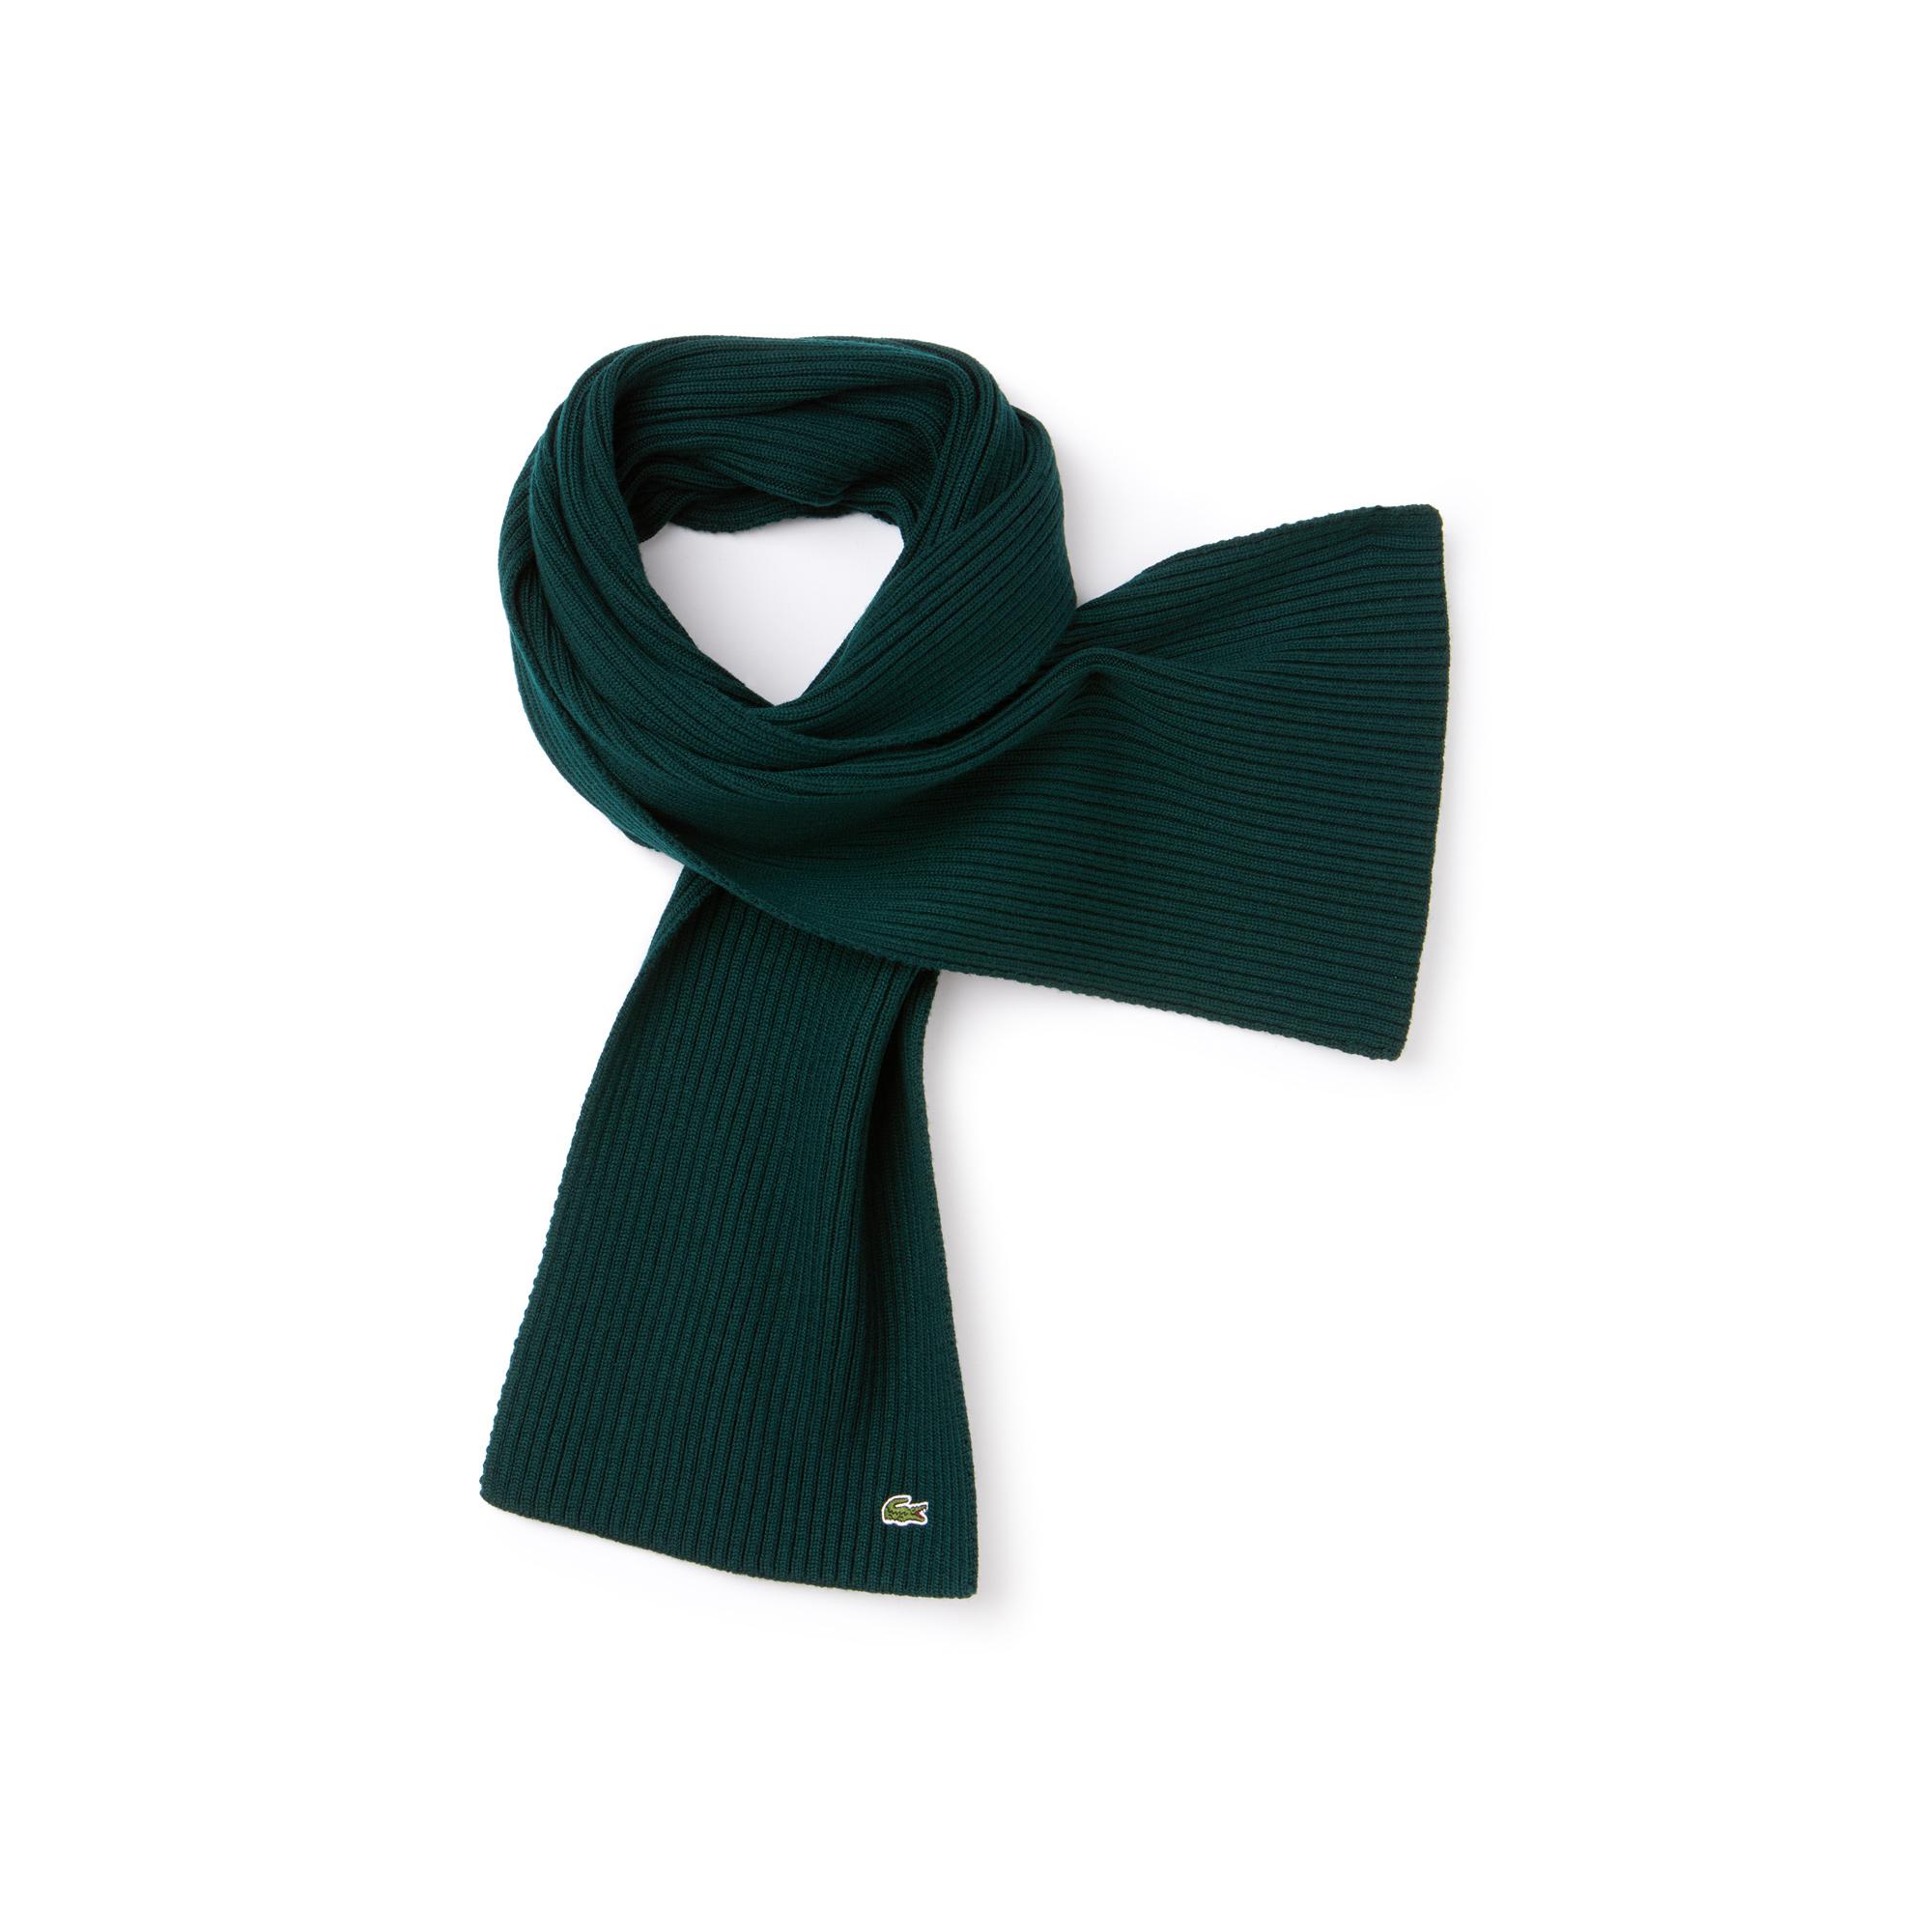 Купить Шарф Lacoste, зеленый, RE4212